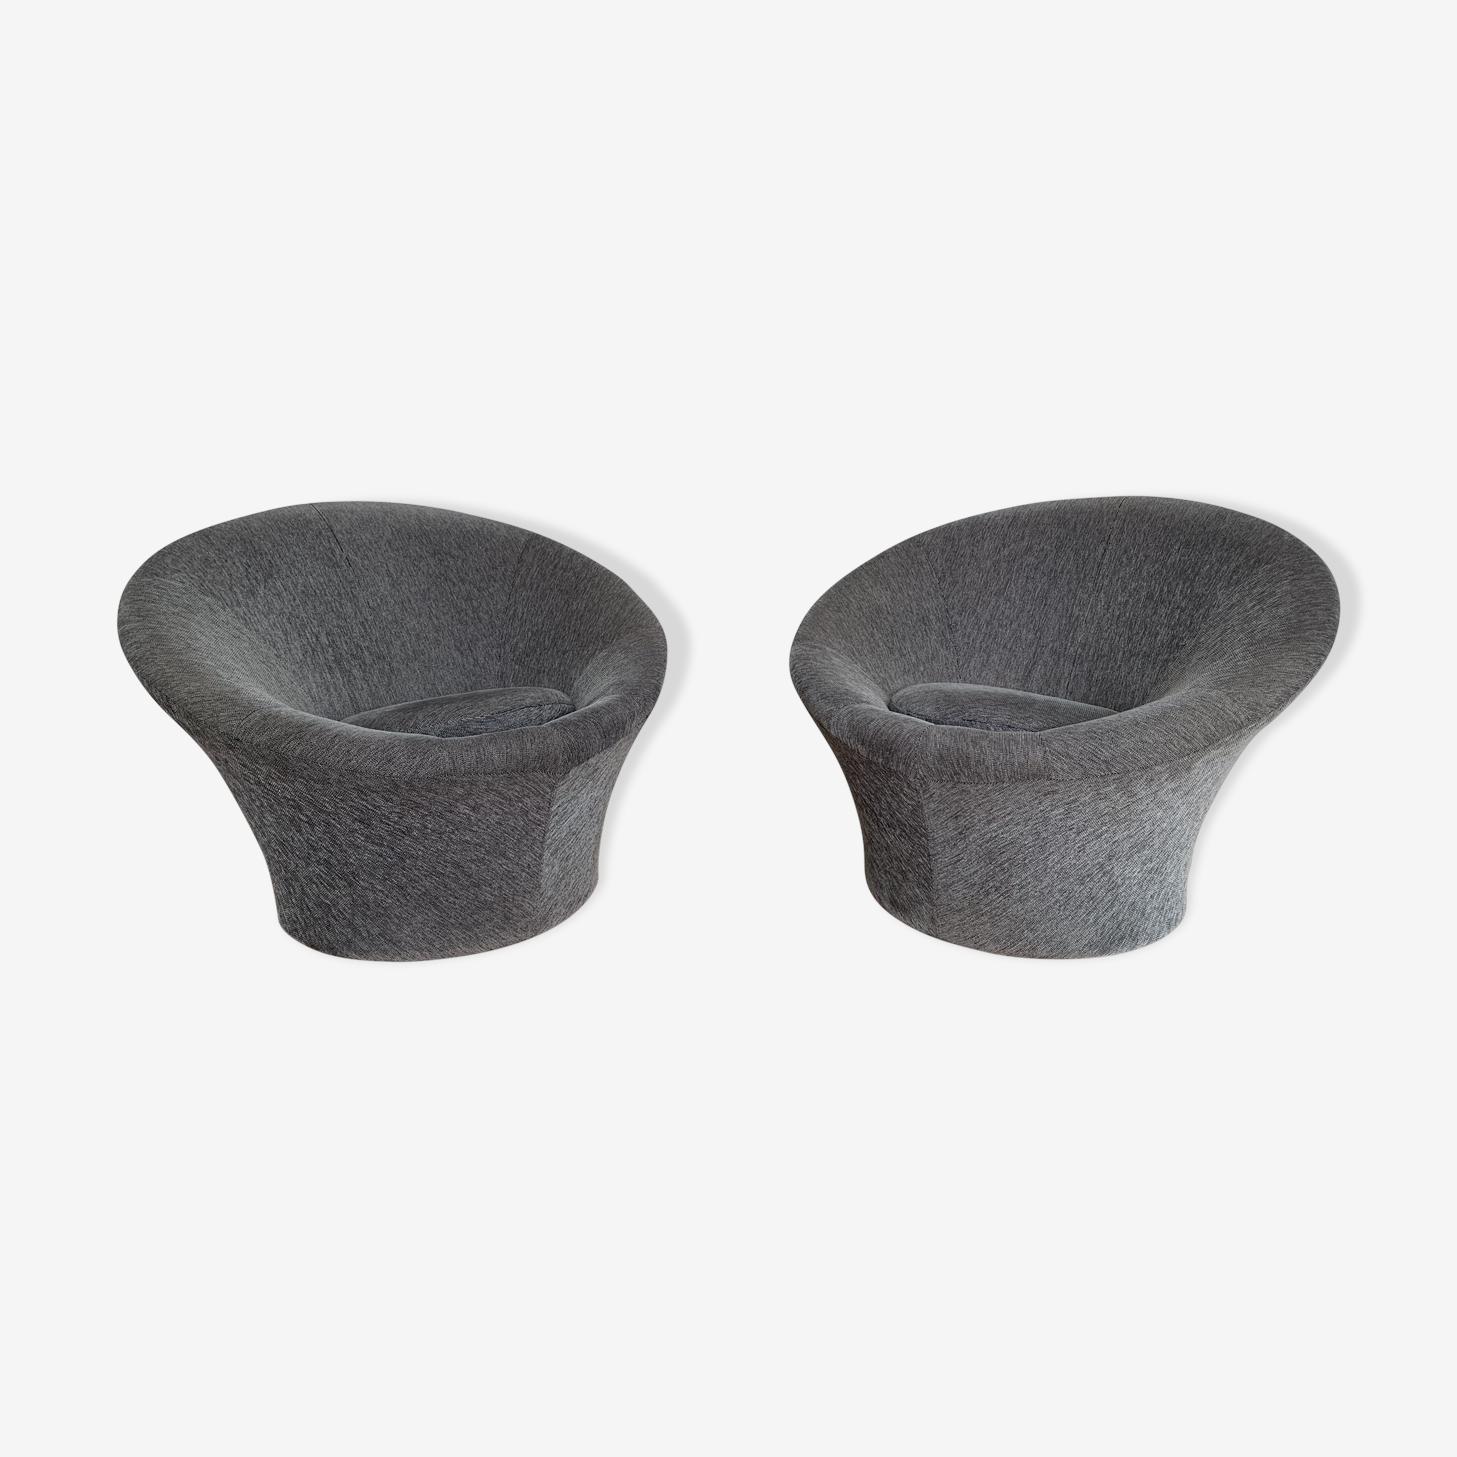 Pair of mushroom armchairs by Pierre Paulin for Artifort